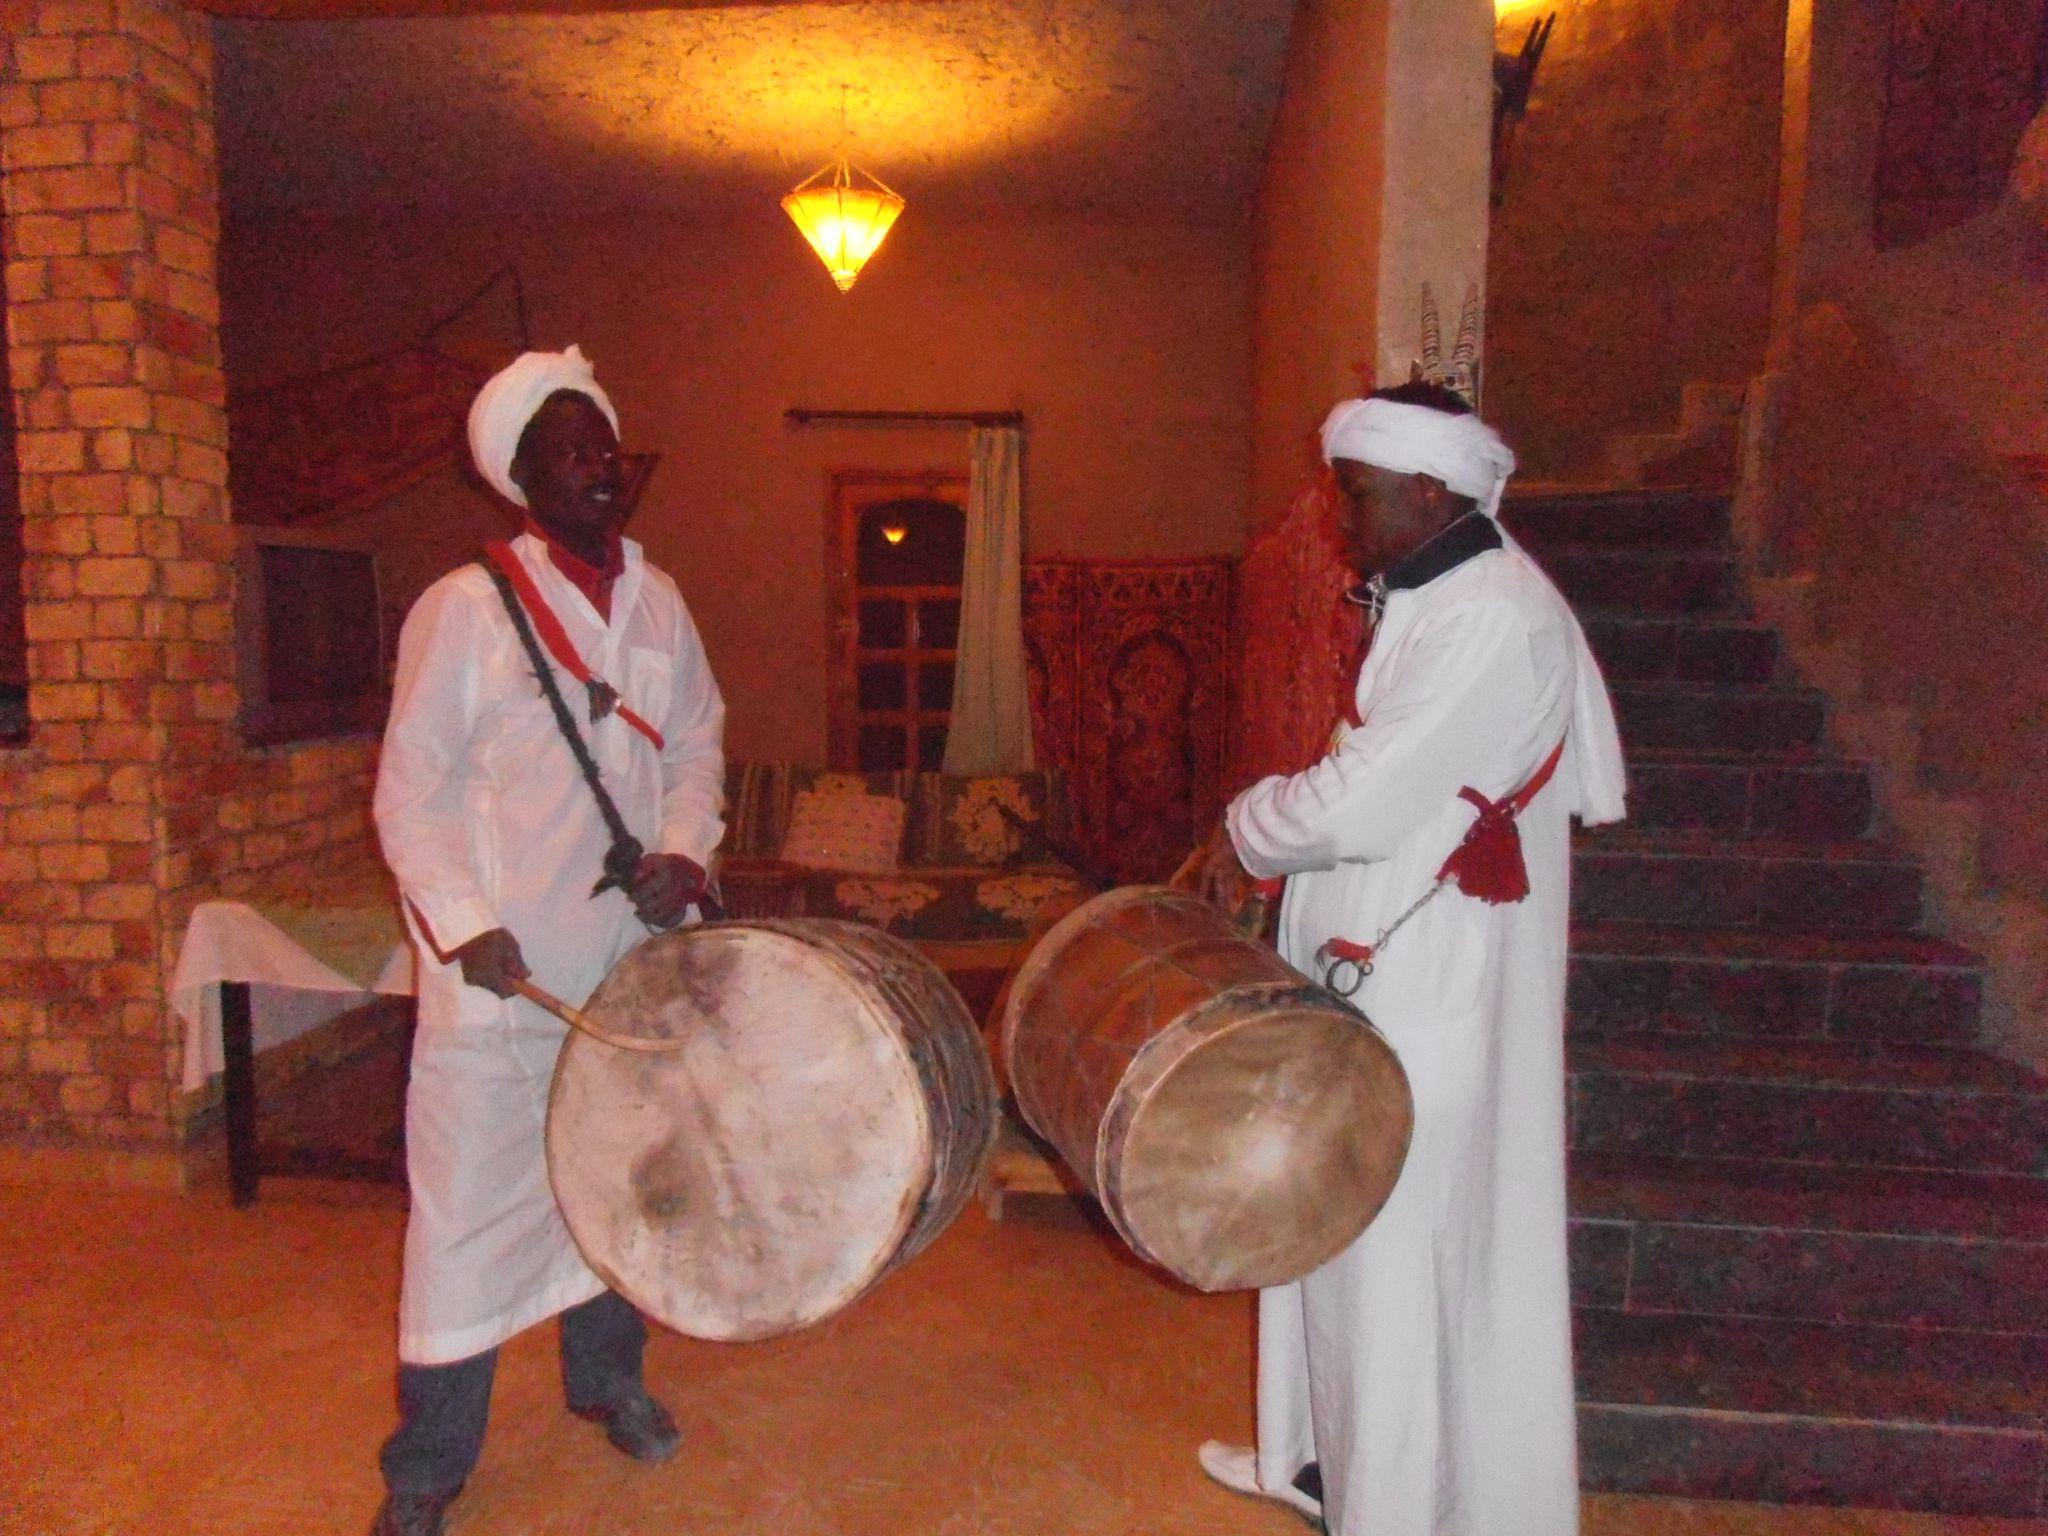 Musica Marocco, Musica Gnawa, Tratta degli schiavi neri d'Africa | Arché Travel